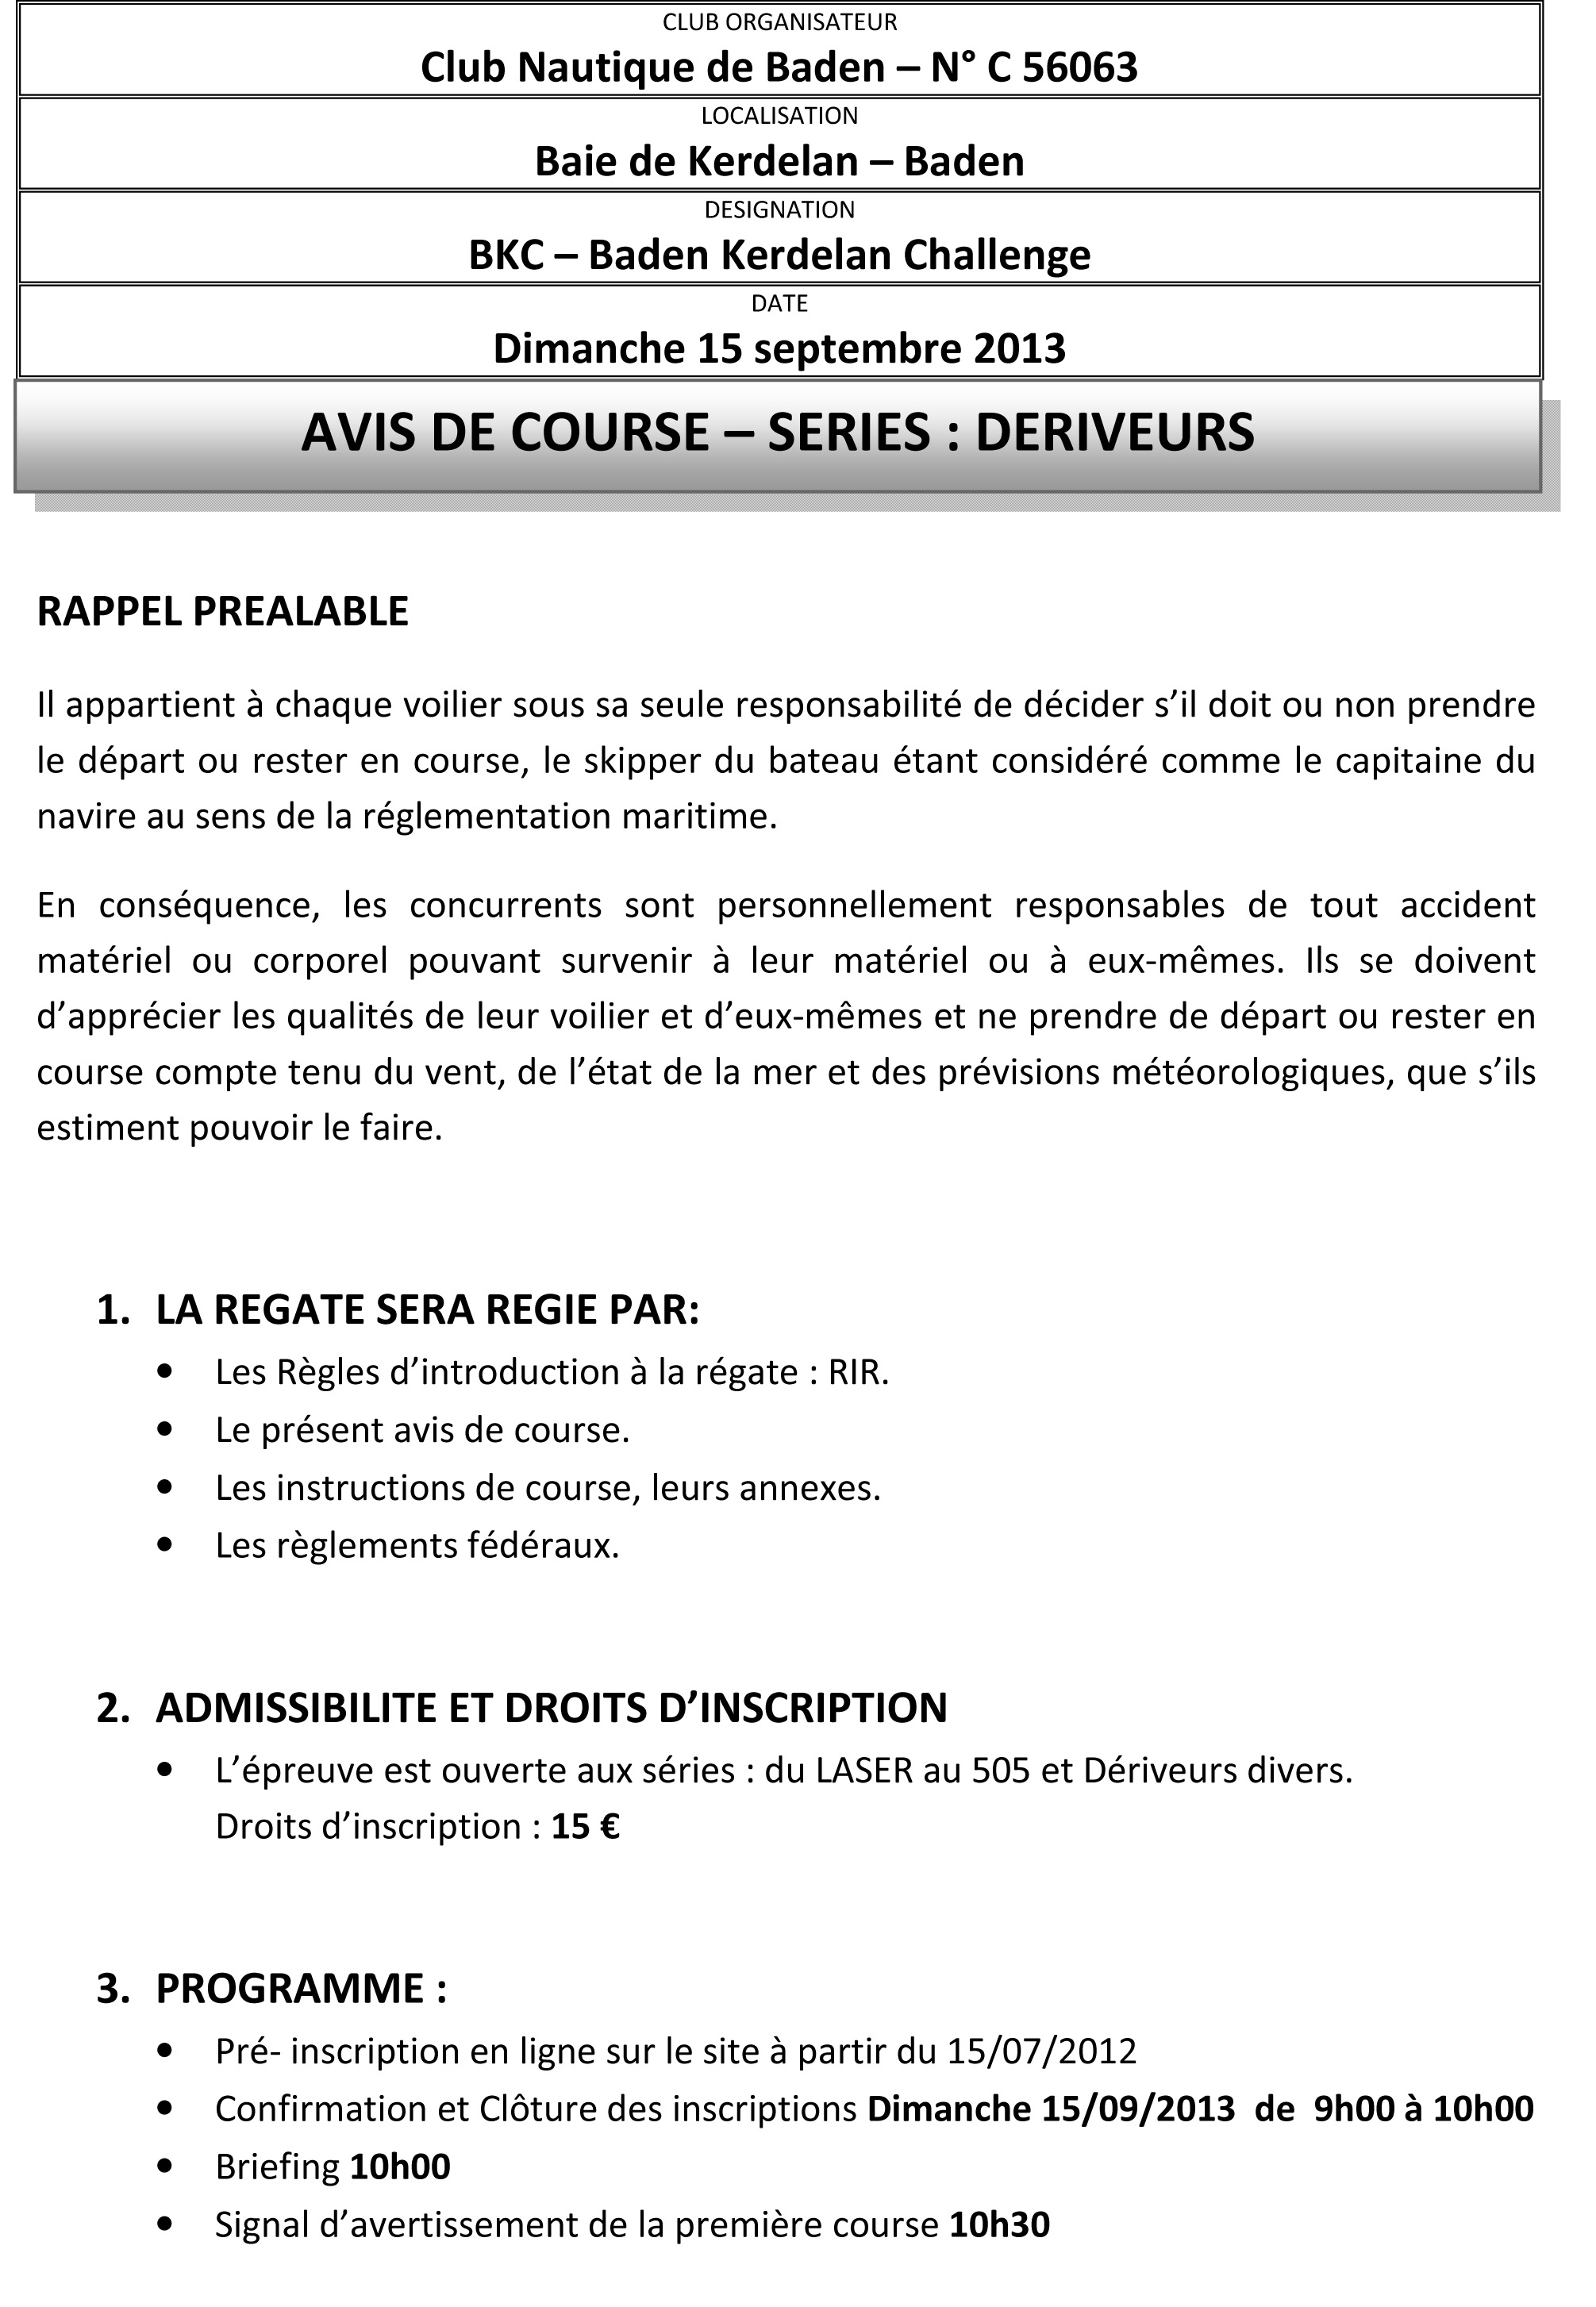 Microsoft Word - BKC Avis de course.docx